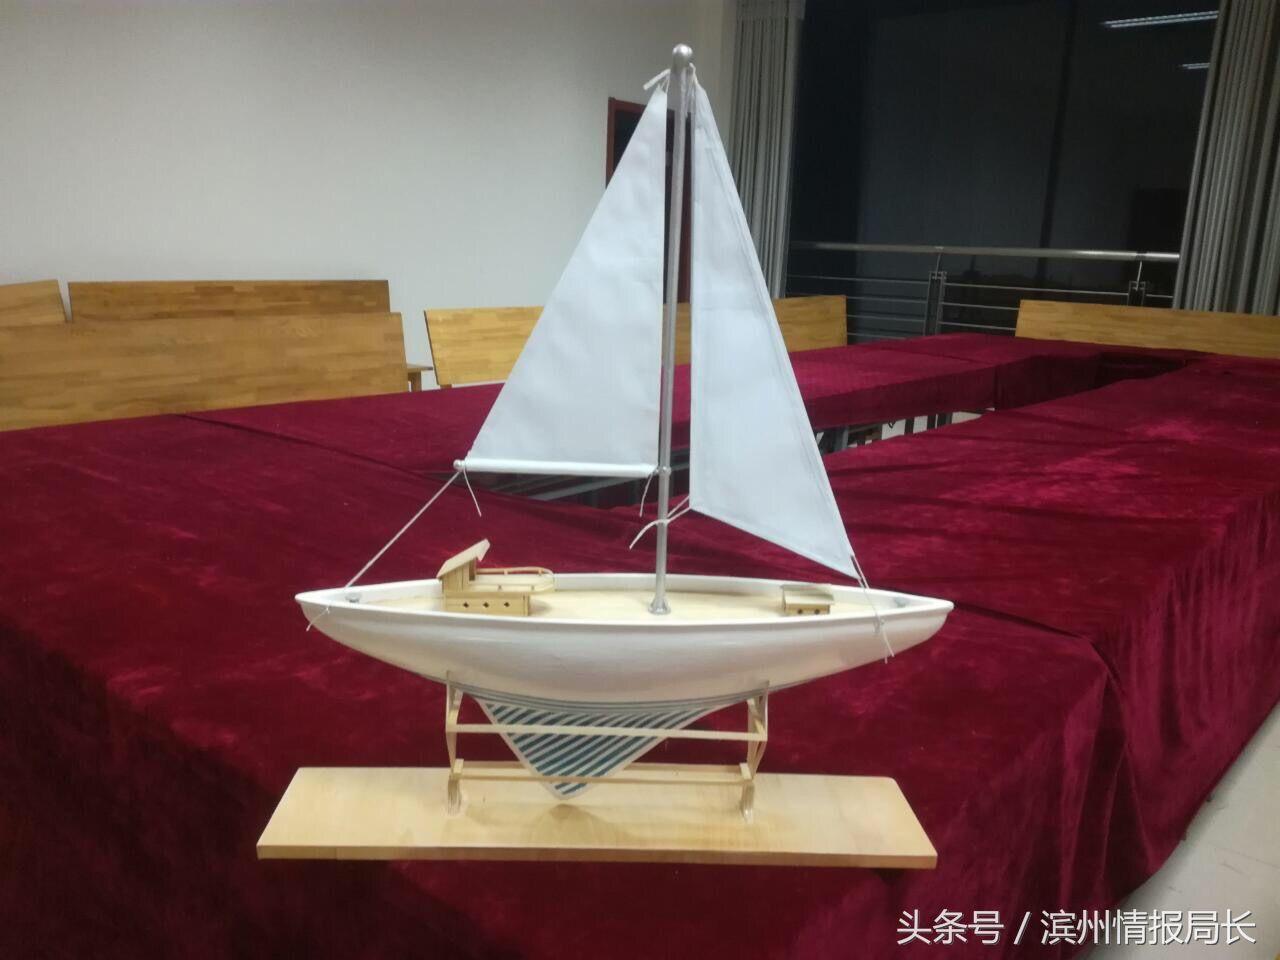 学生手工制作船模展示